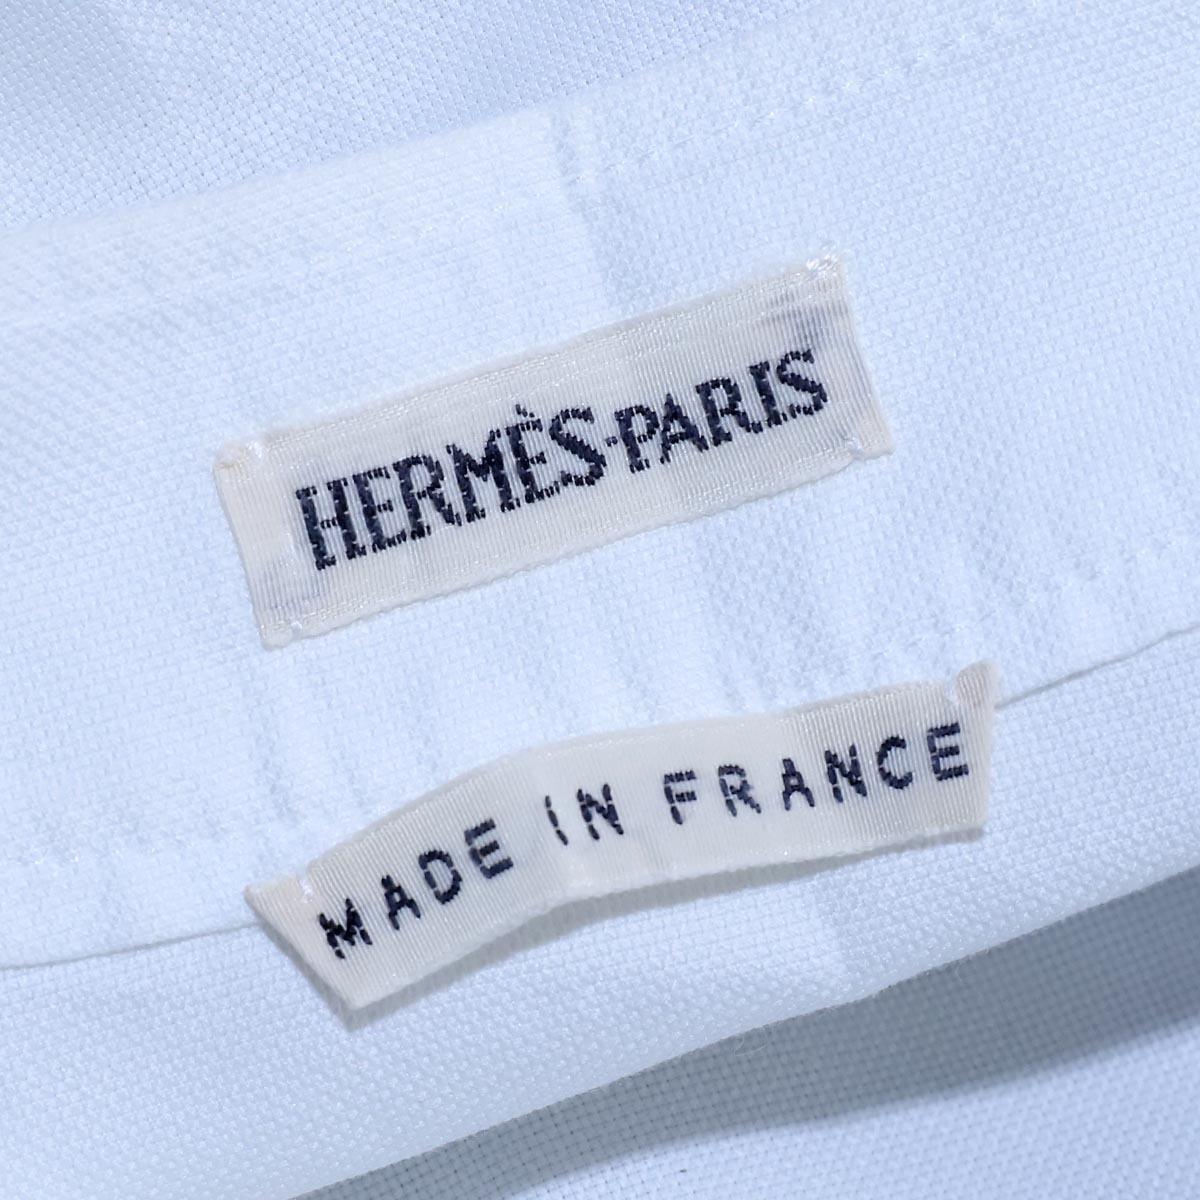 本物 エルメス 極希少 マルジェラ期 シェル釦 ポケット付きノースリーブシャツ サイズ36 ホワイト トップス ベスト ブラウス HERMES_画像6